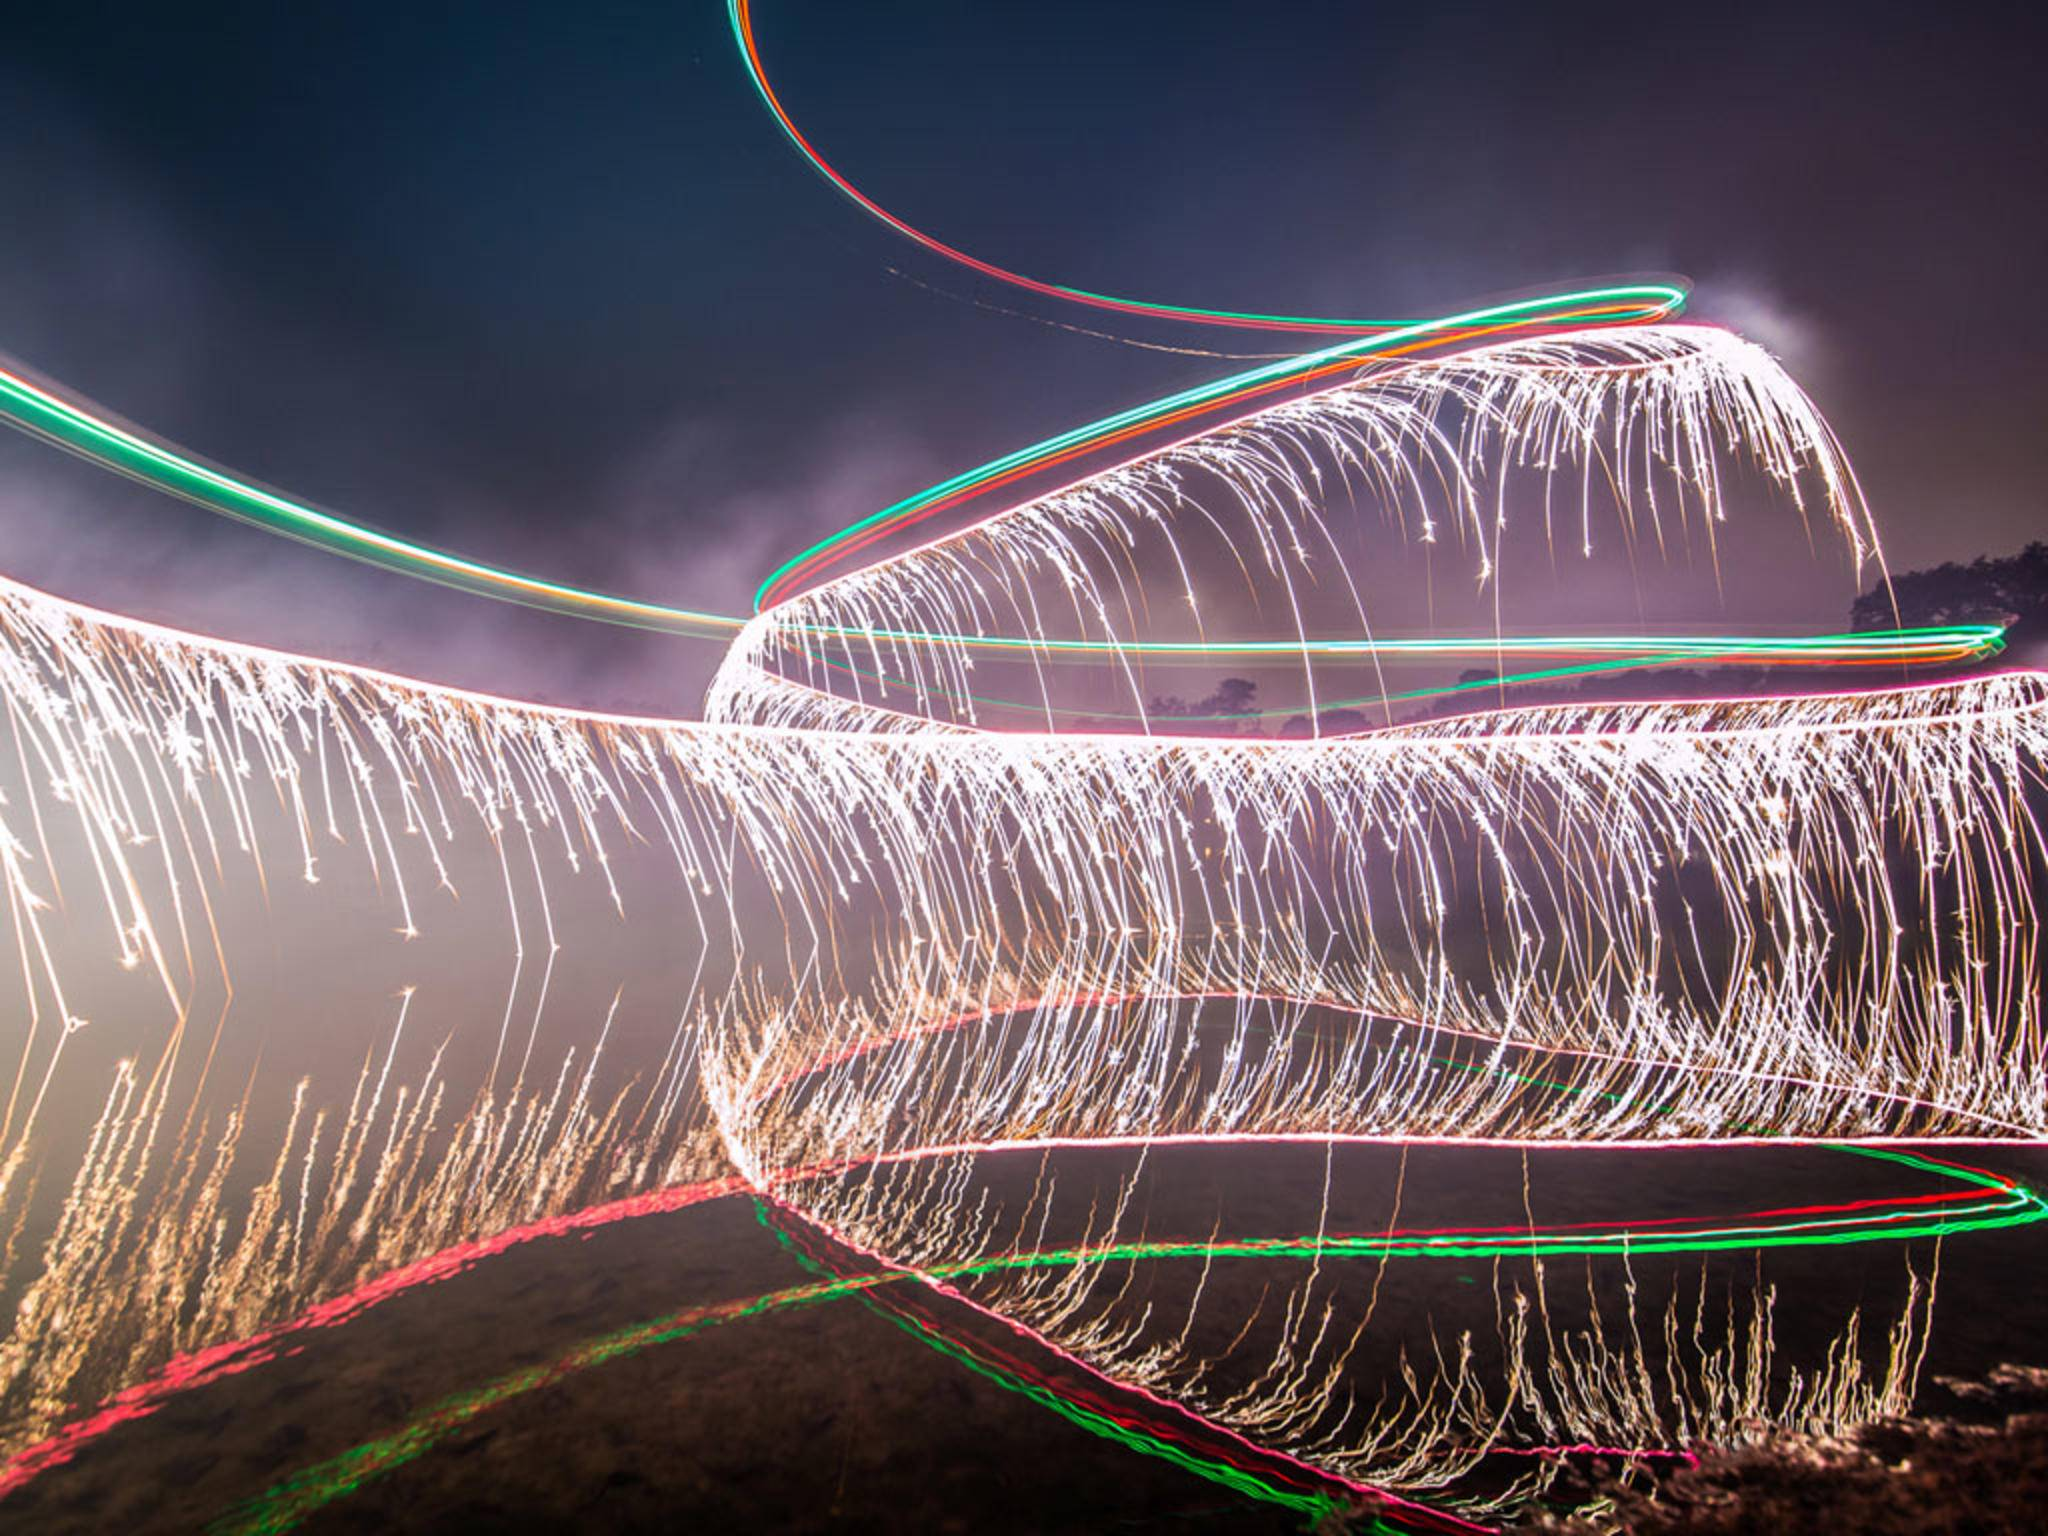 Ein Wasserfall aus Feuer: Calder Wilson malt per Lightscribe-Fotografie tolle Bilder.